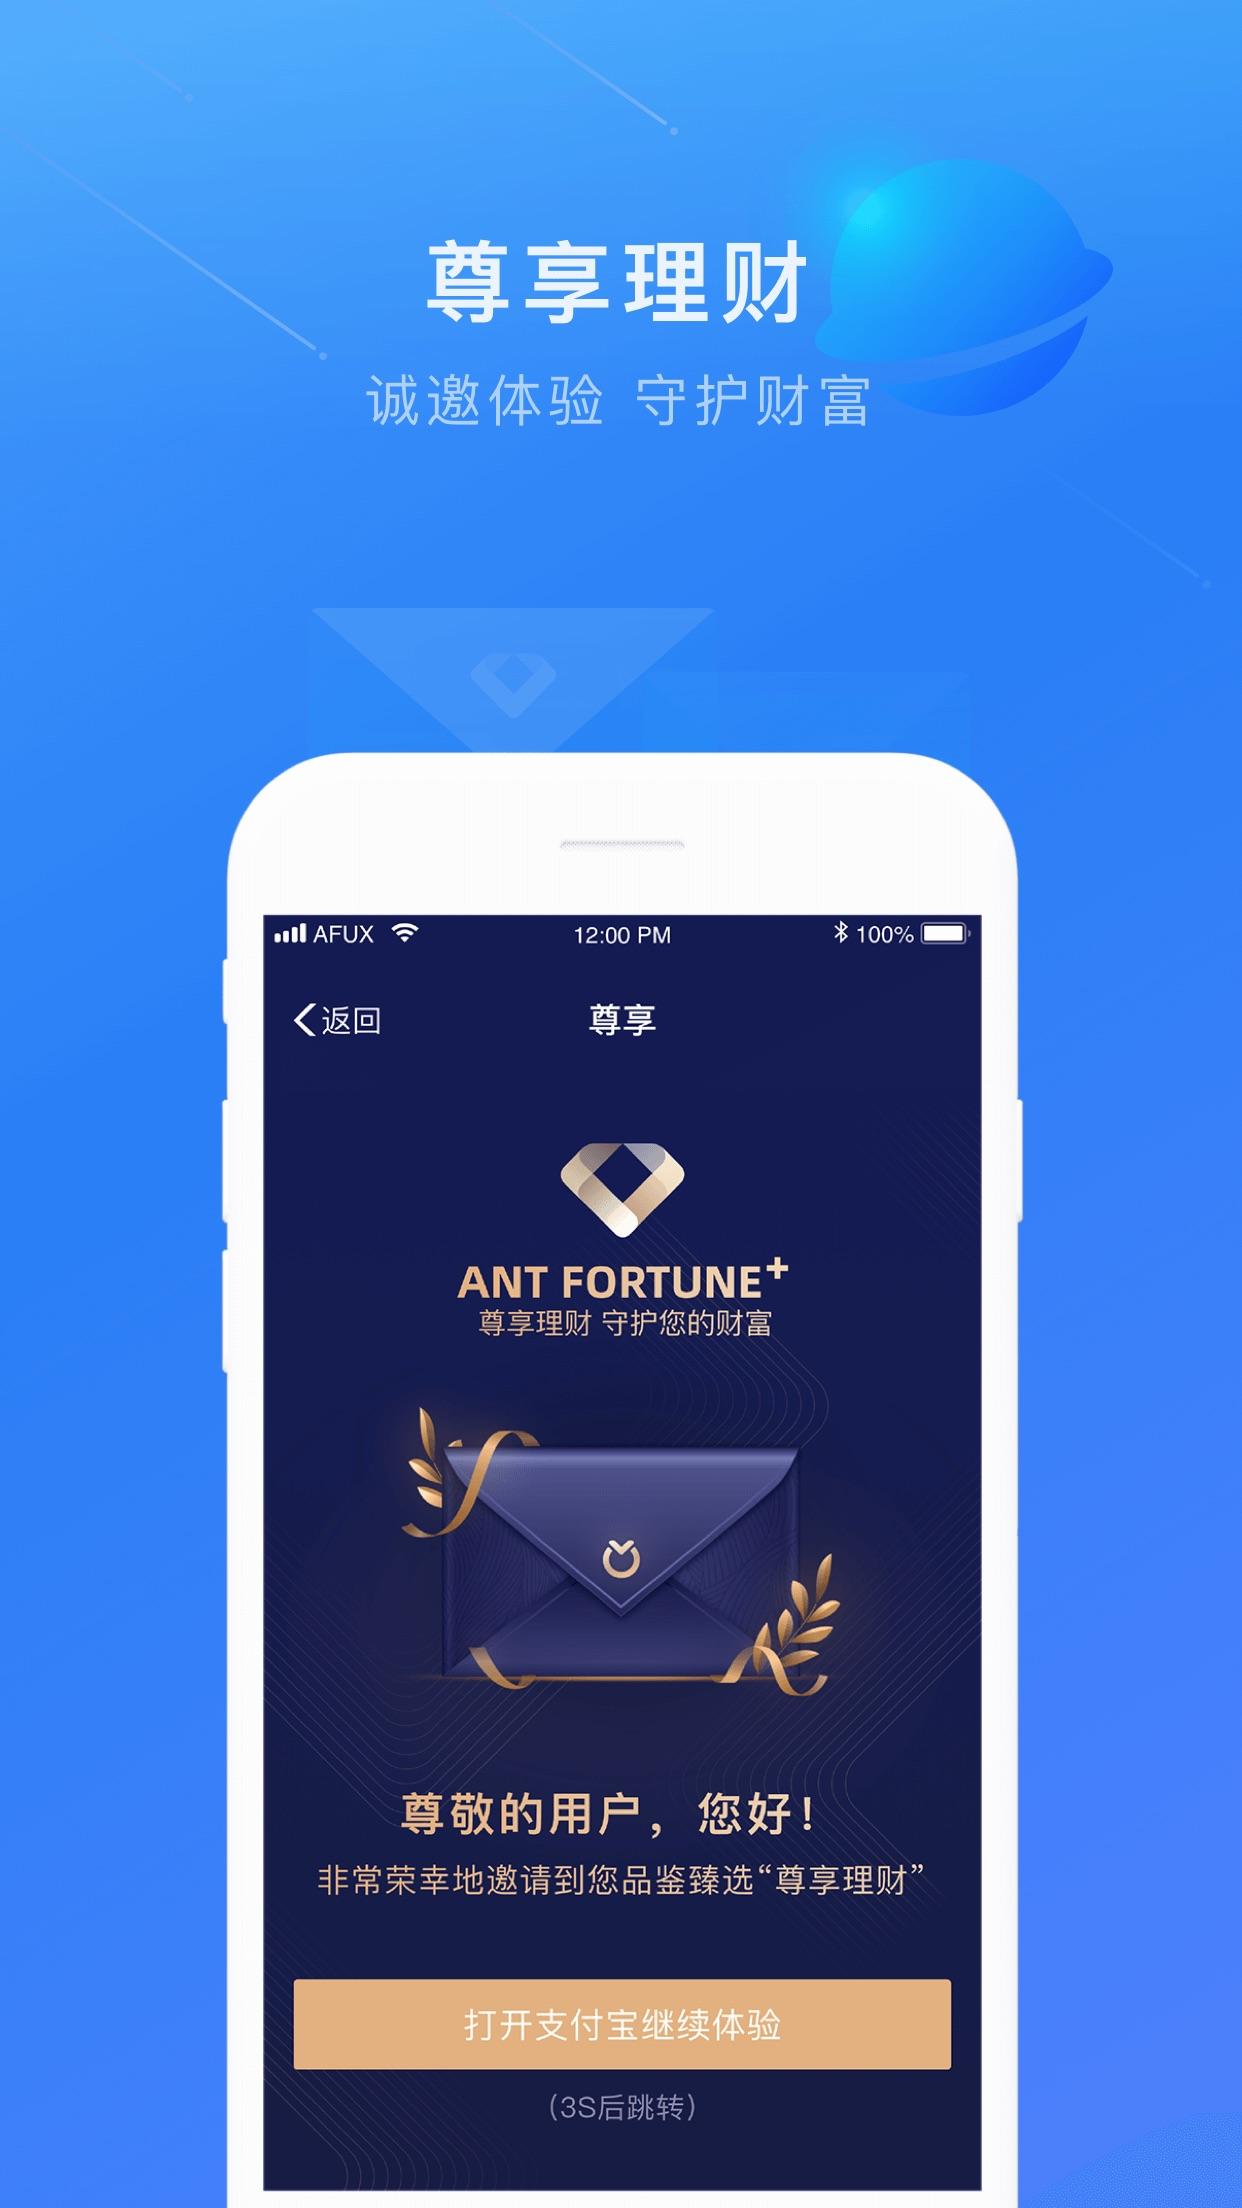 蚂蚁财富-基金等理财产品应有尽有 Screenshot